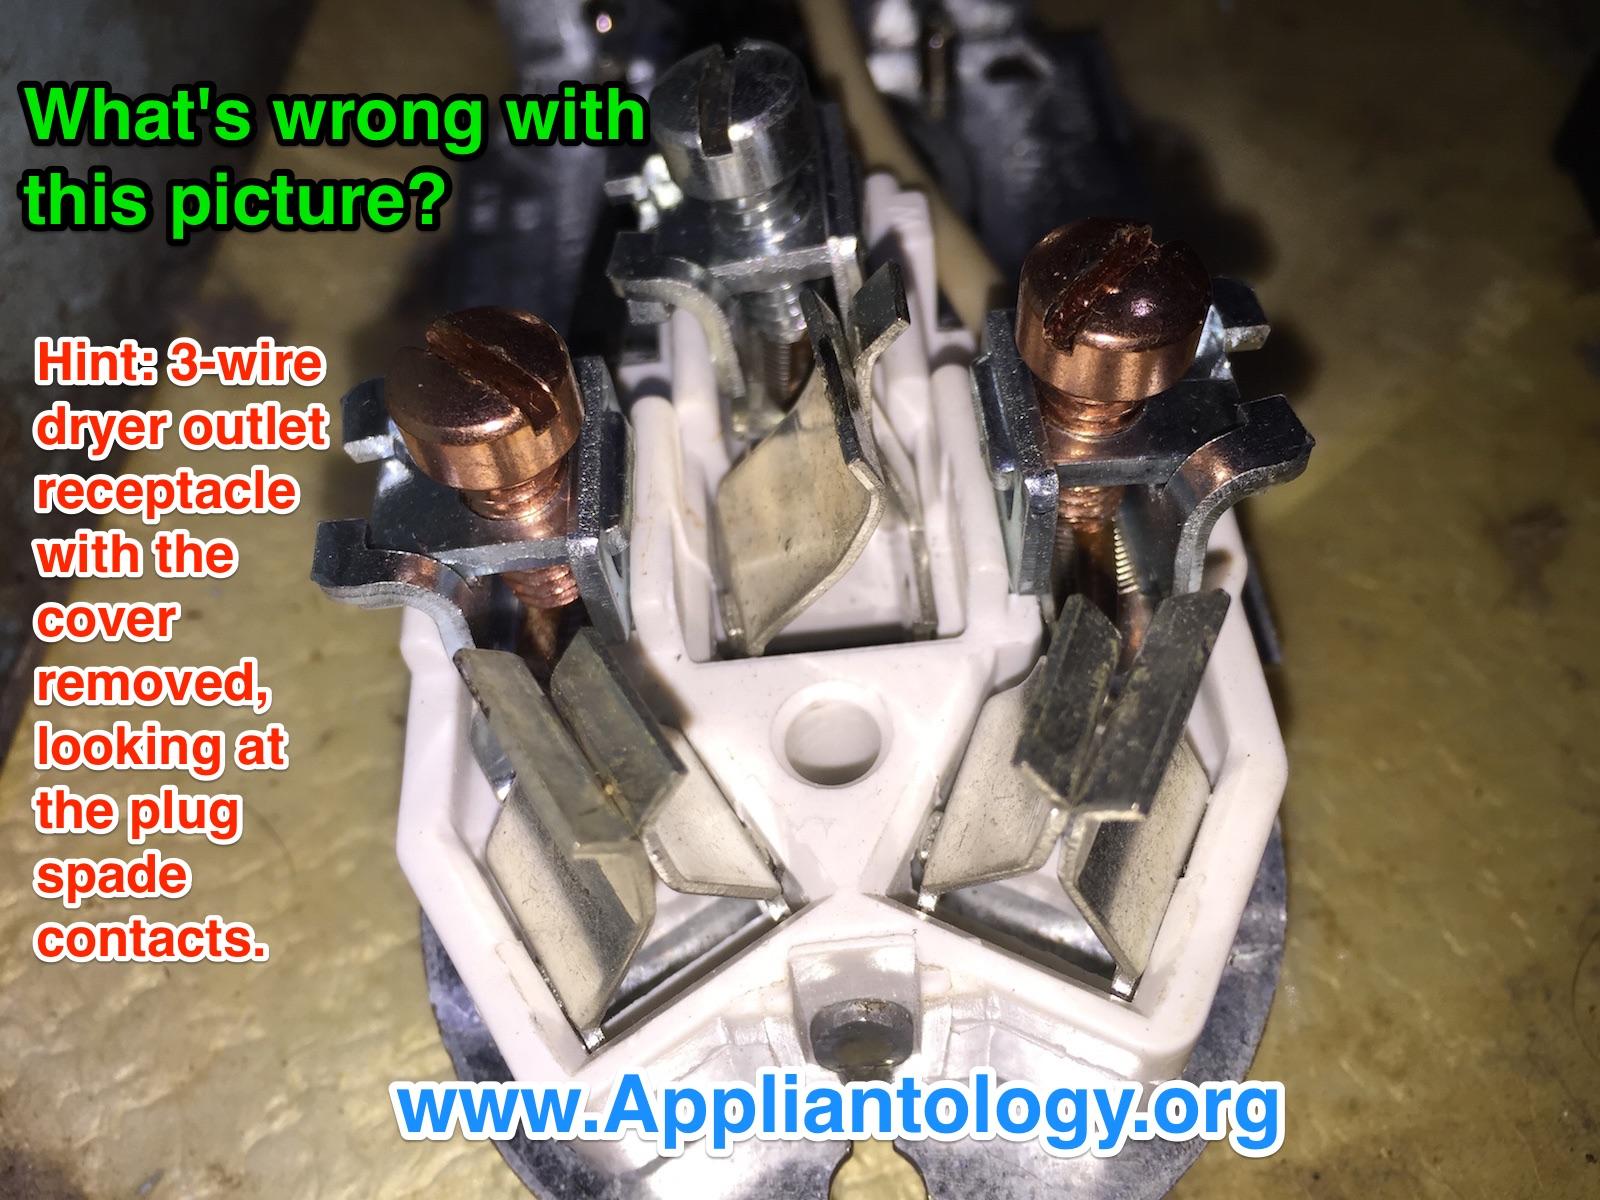 Damaged Dryer Outlet Receptacle